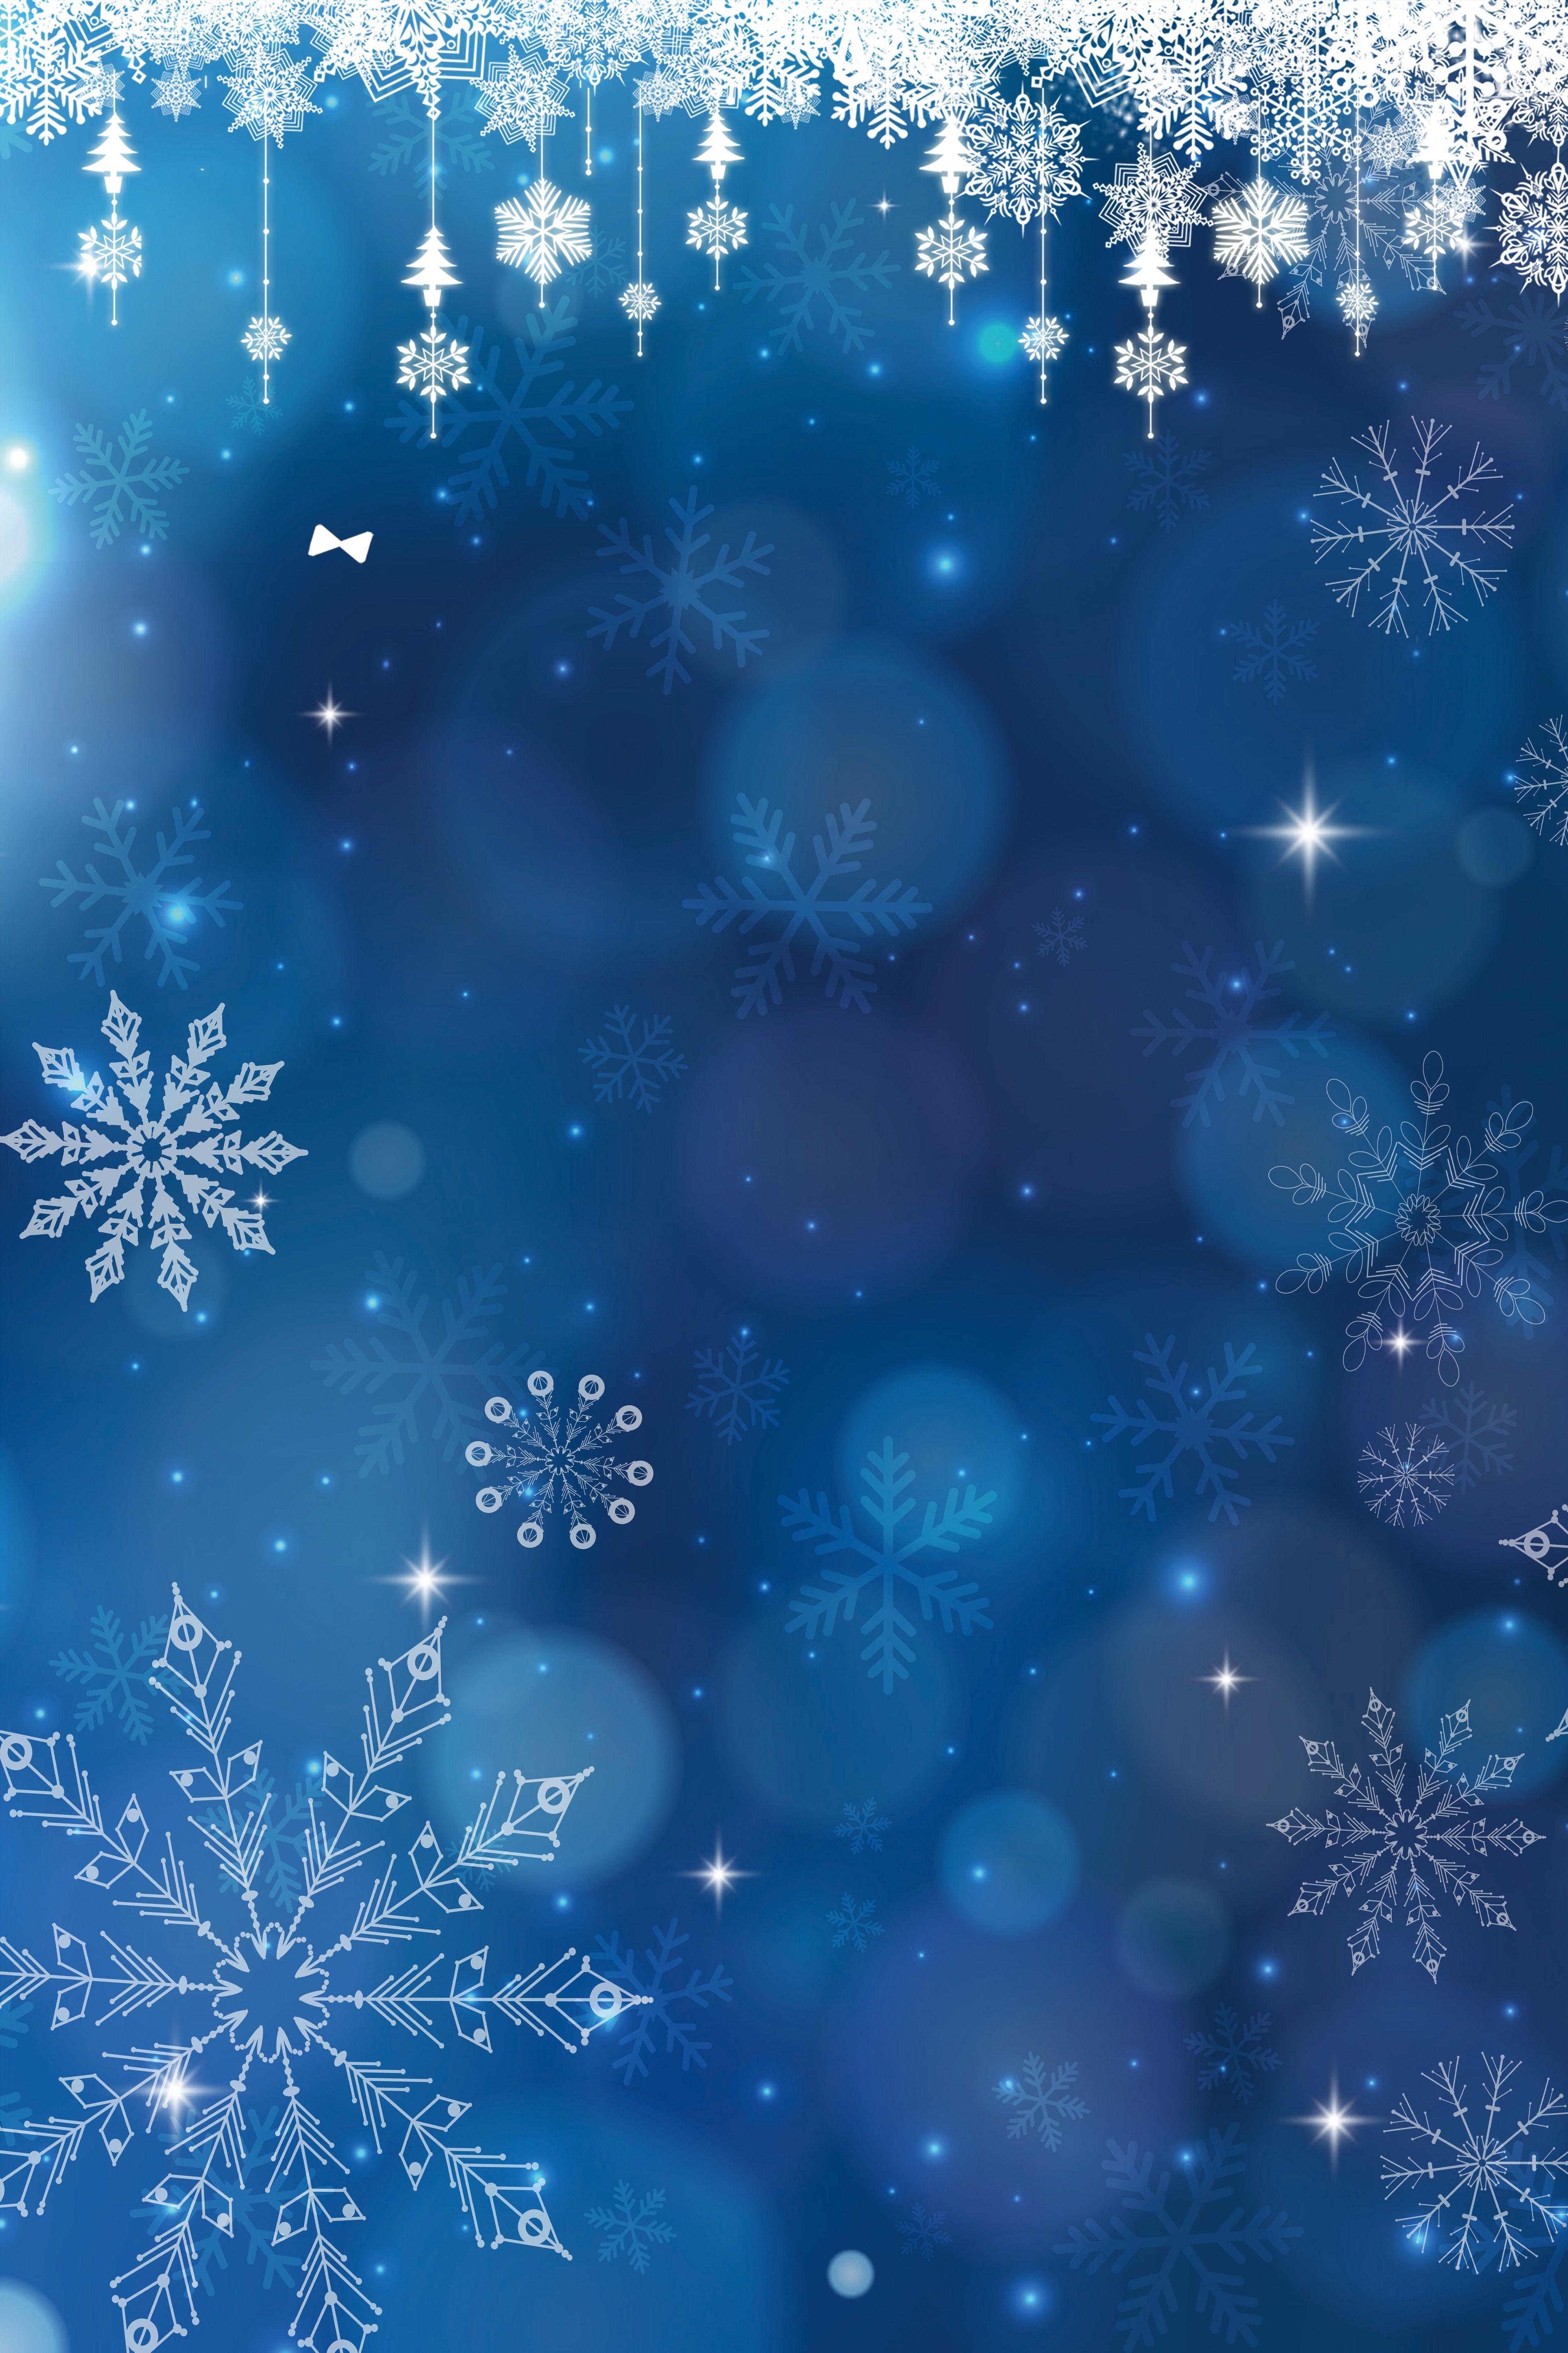 クリスマス 背景 イラスト